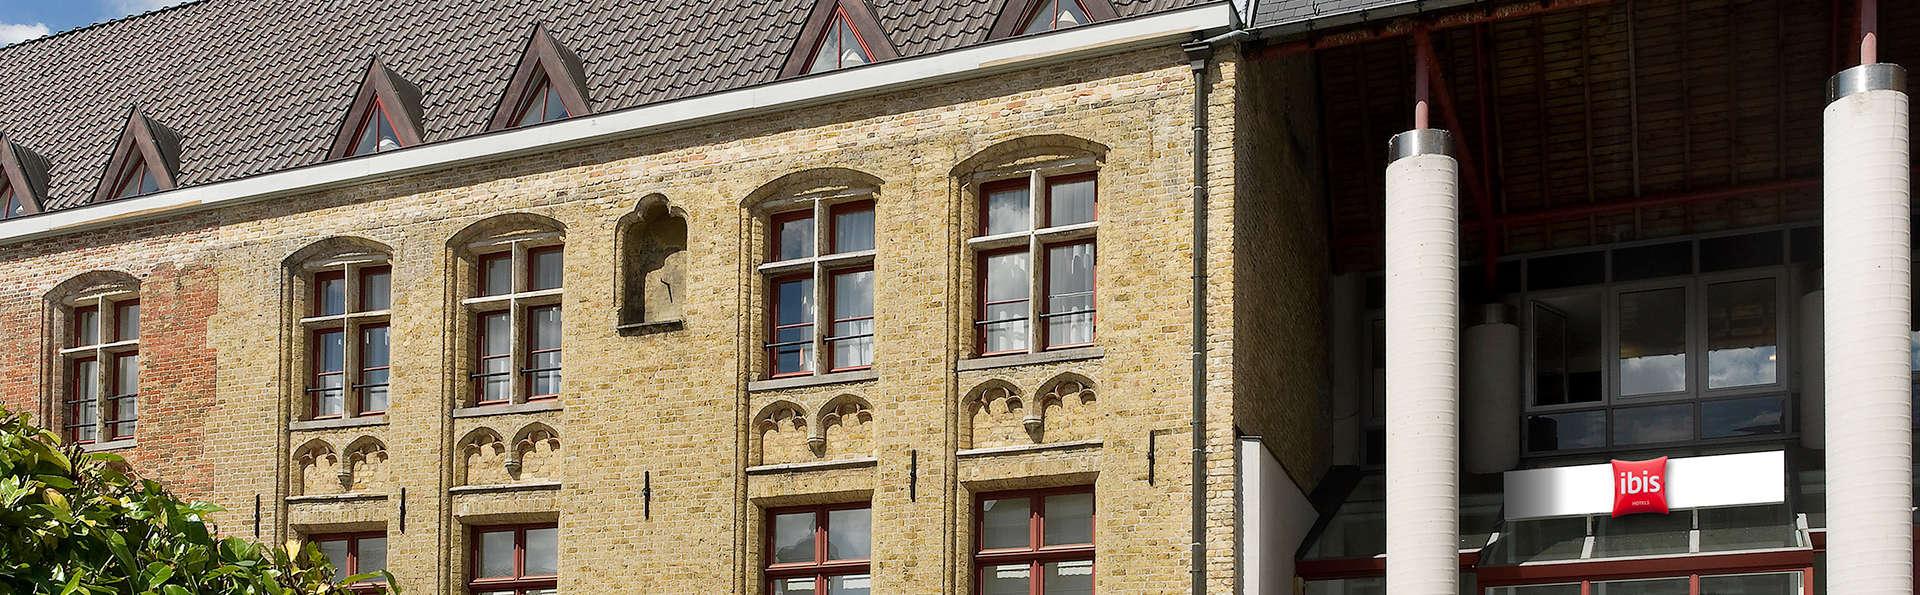 Ibis Brugge Centrum - Edit_Front.jpg